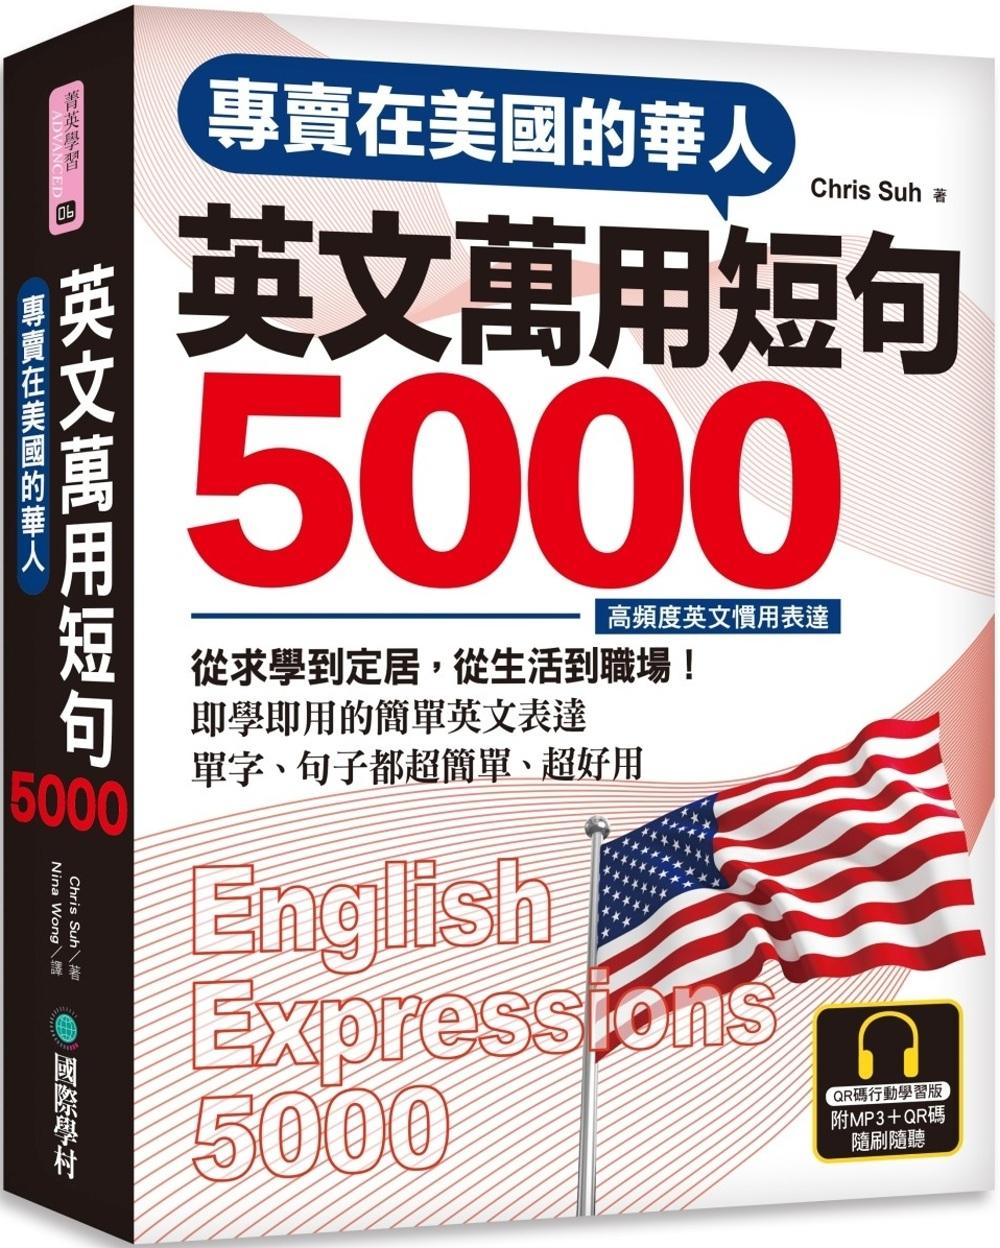 專賣在美國的華人 英文萬用短句5000【QR碼行動學習版】:從求學到定居,從生活到職場,即學即用的簡單英文表達!(附6小時美國腔會話MP3)